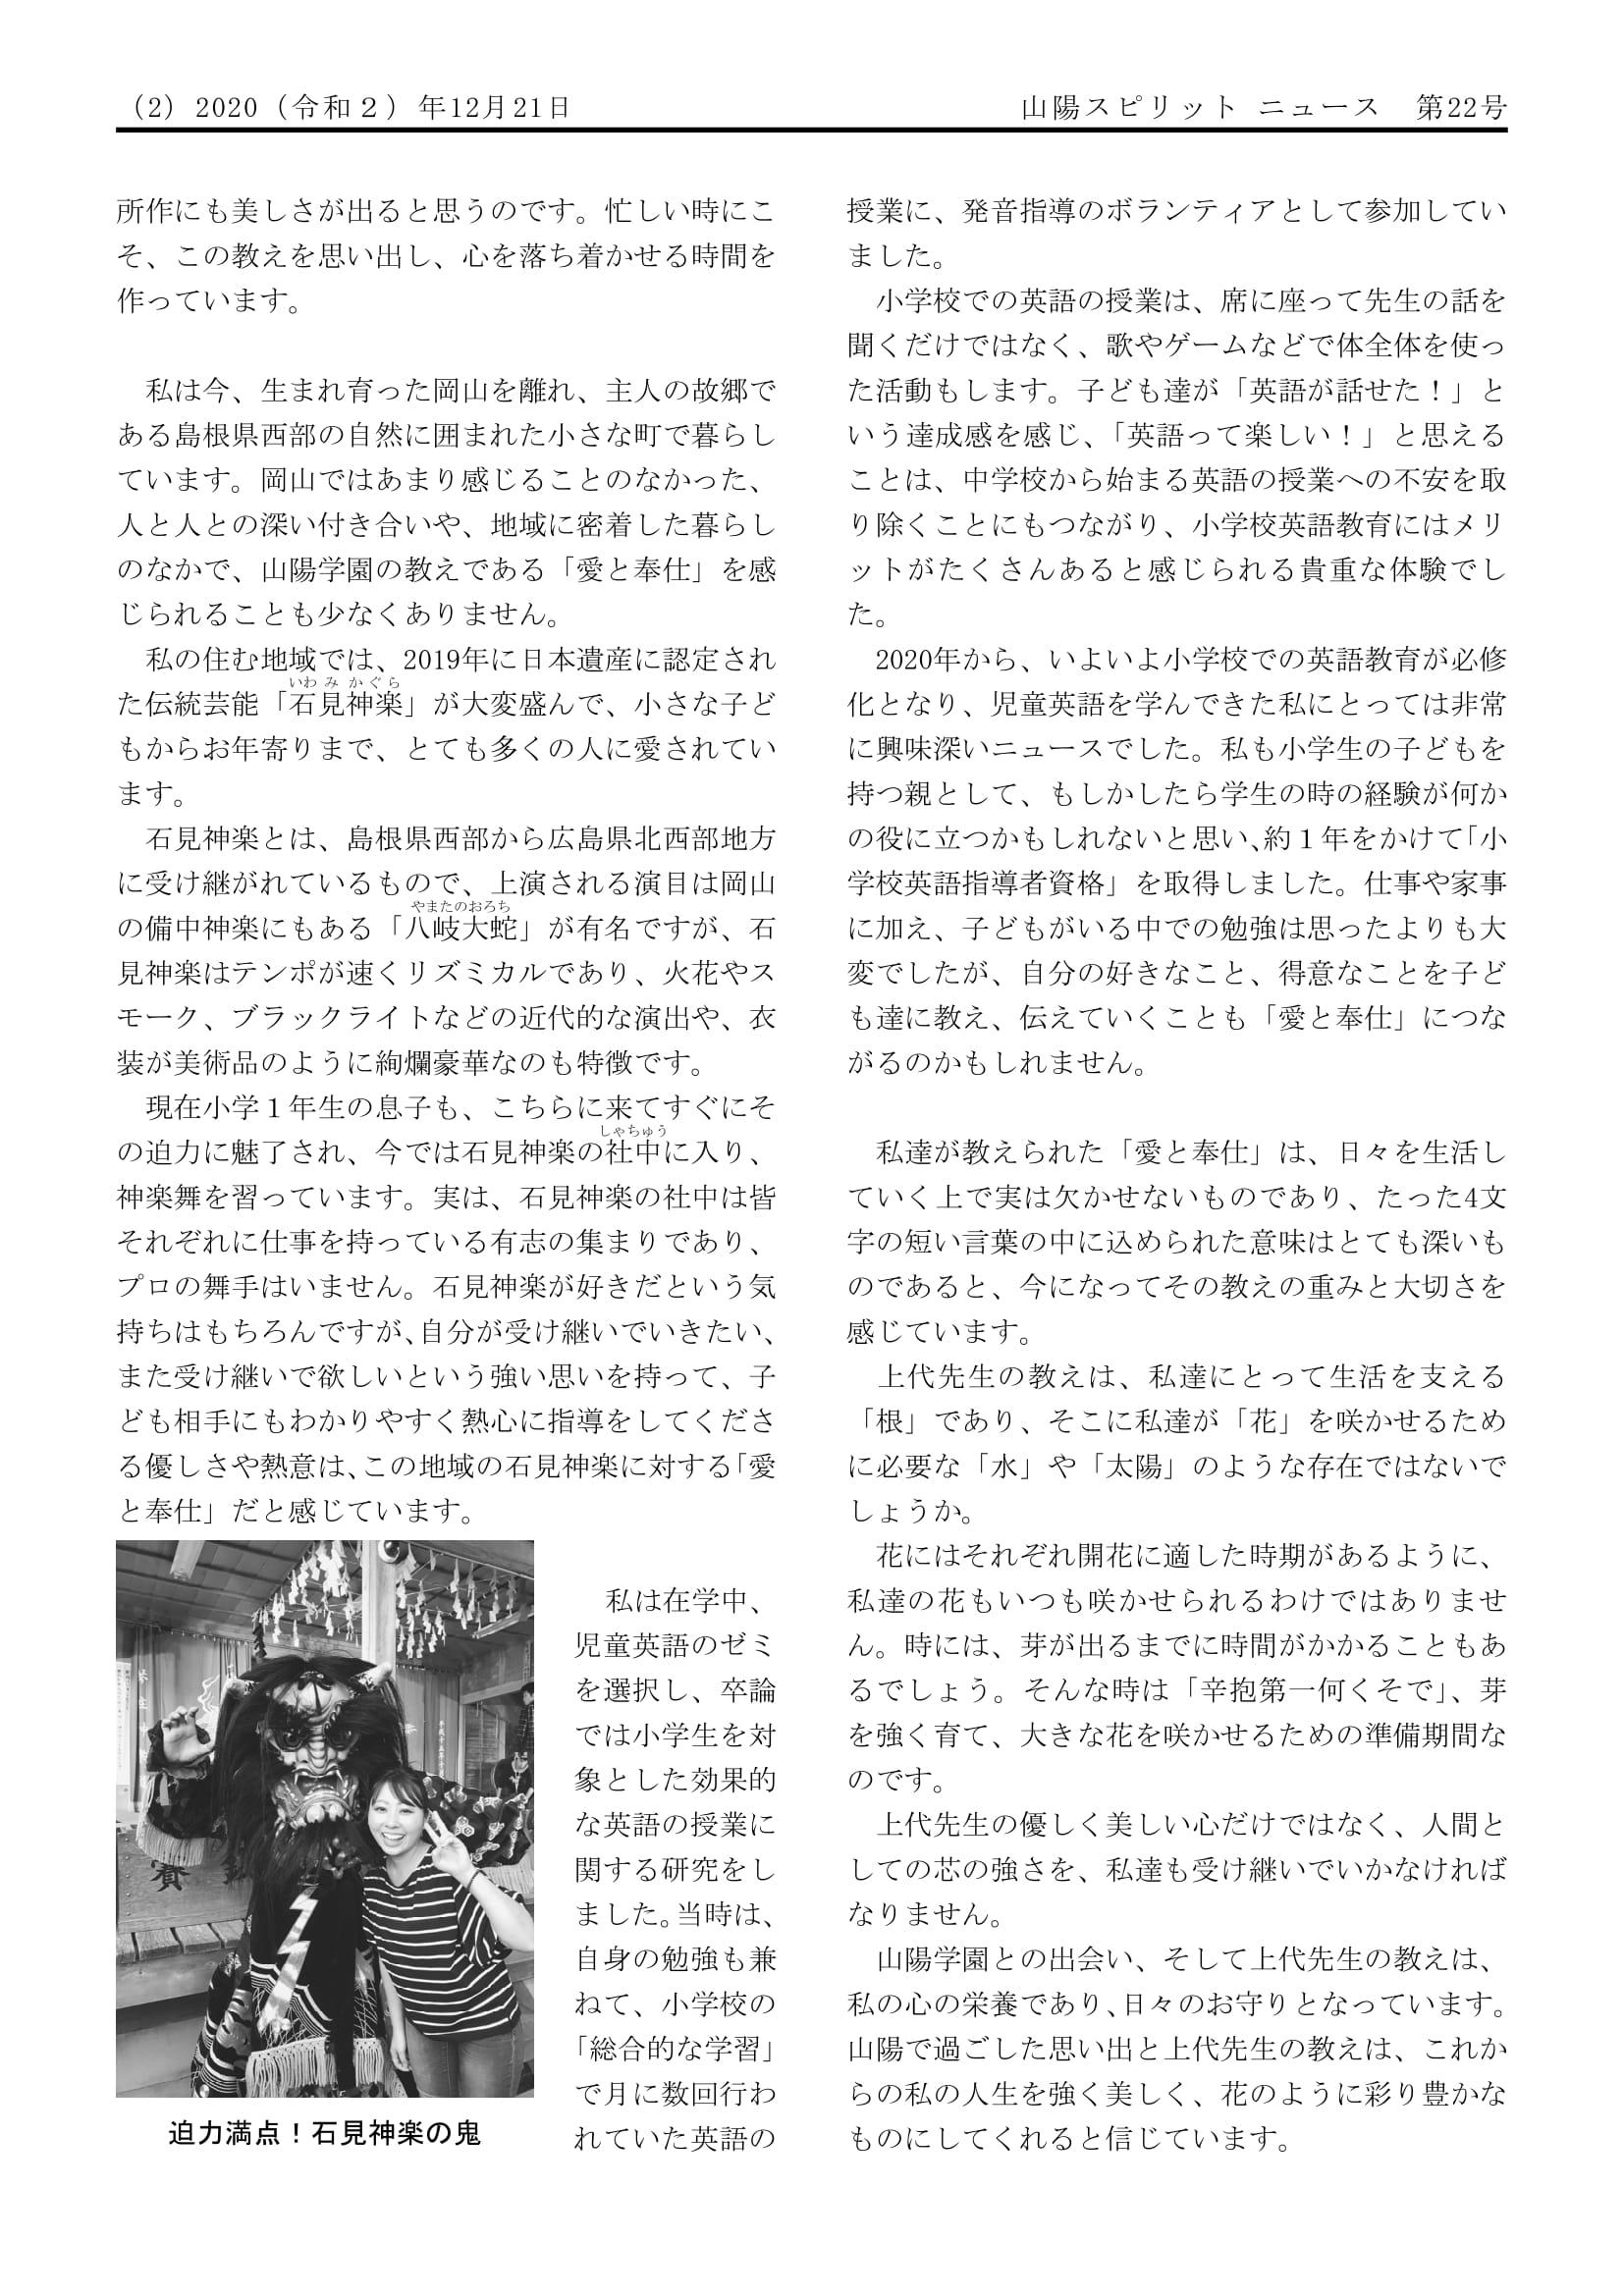 「山陽スピリットニュース」22号2